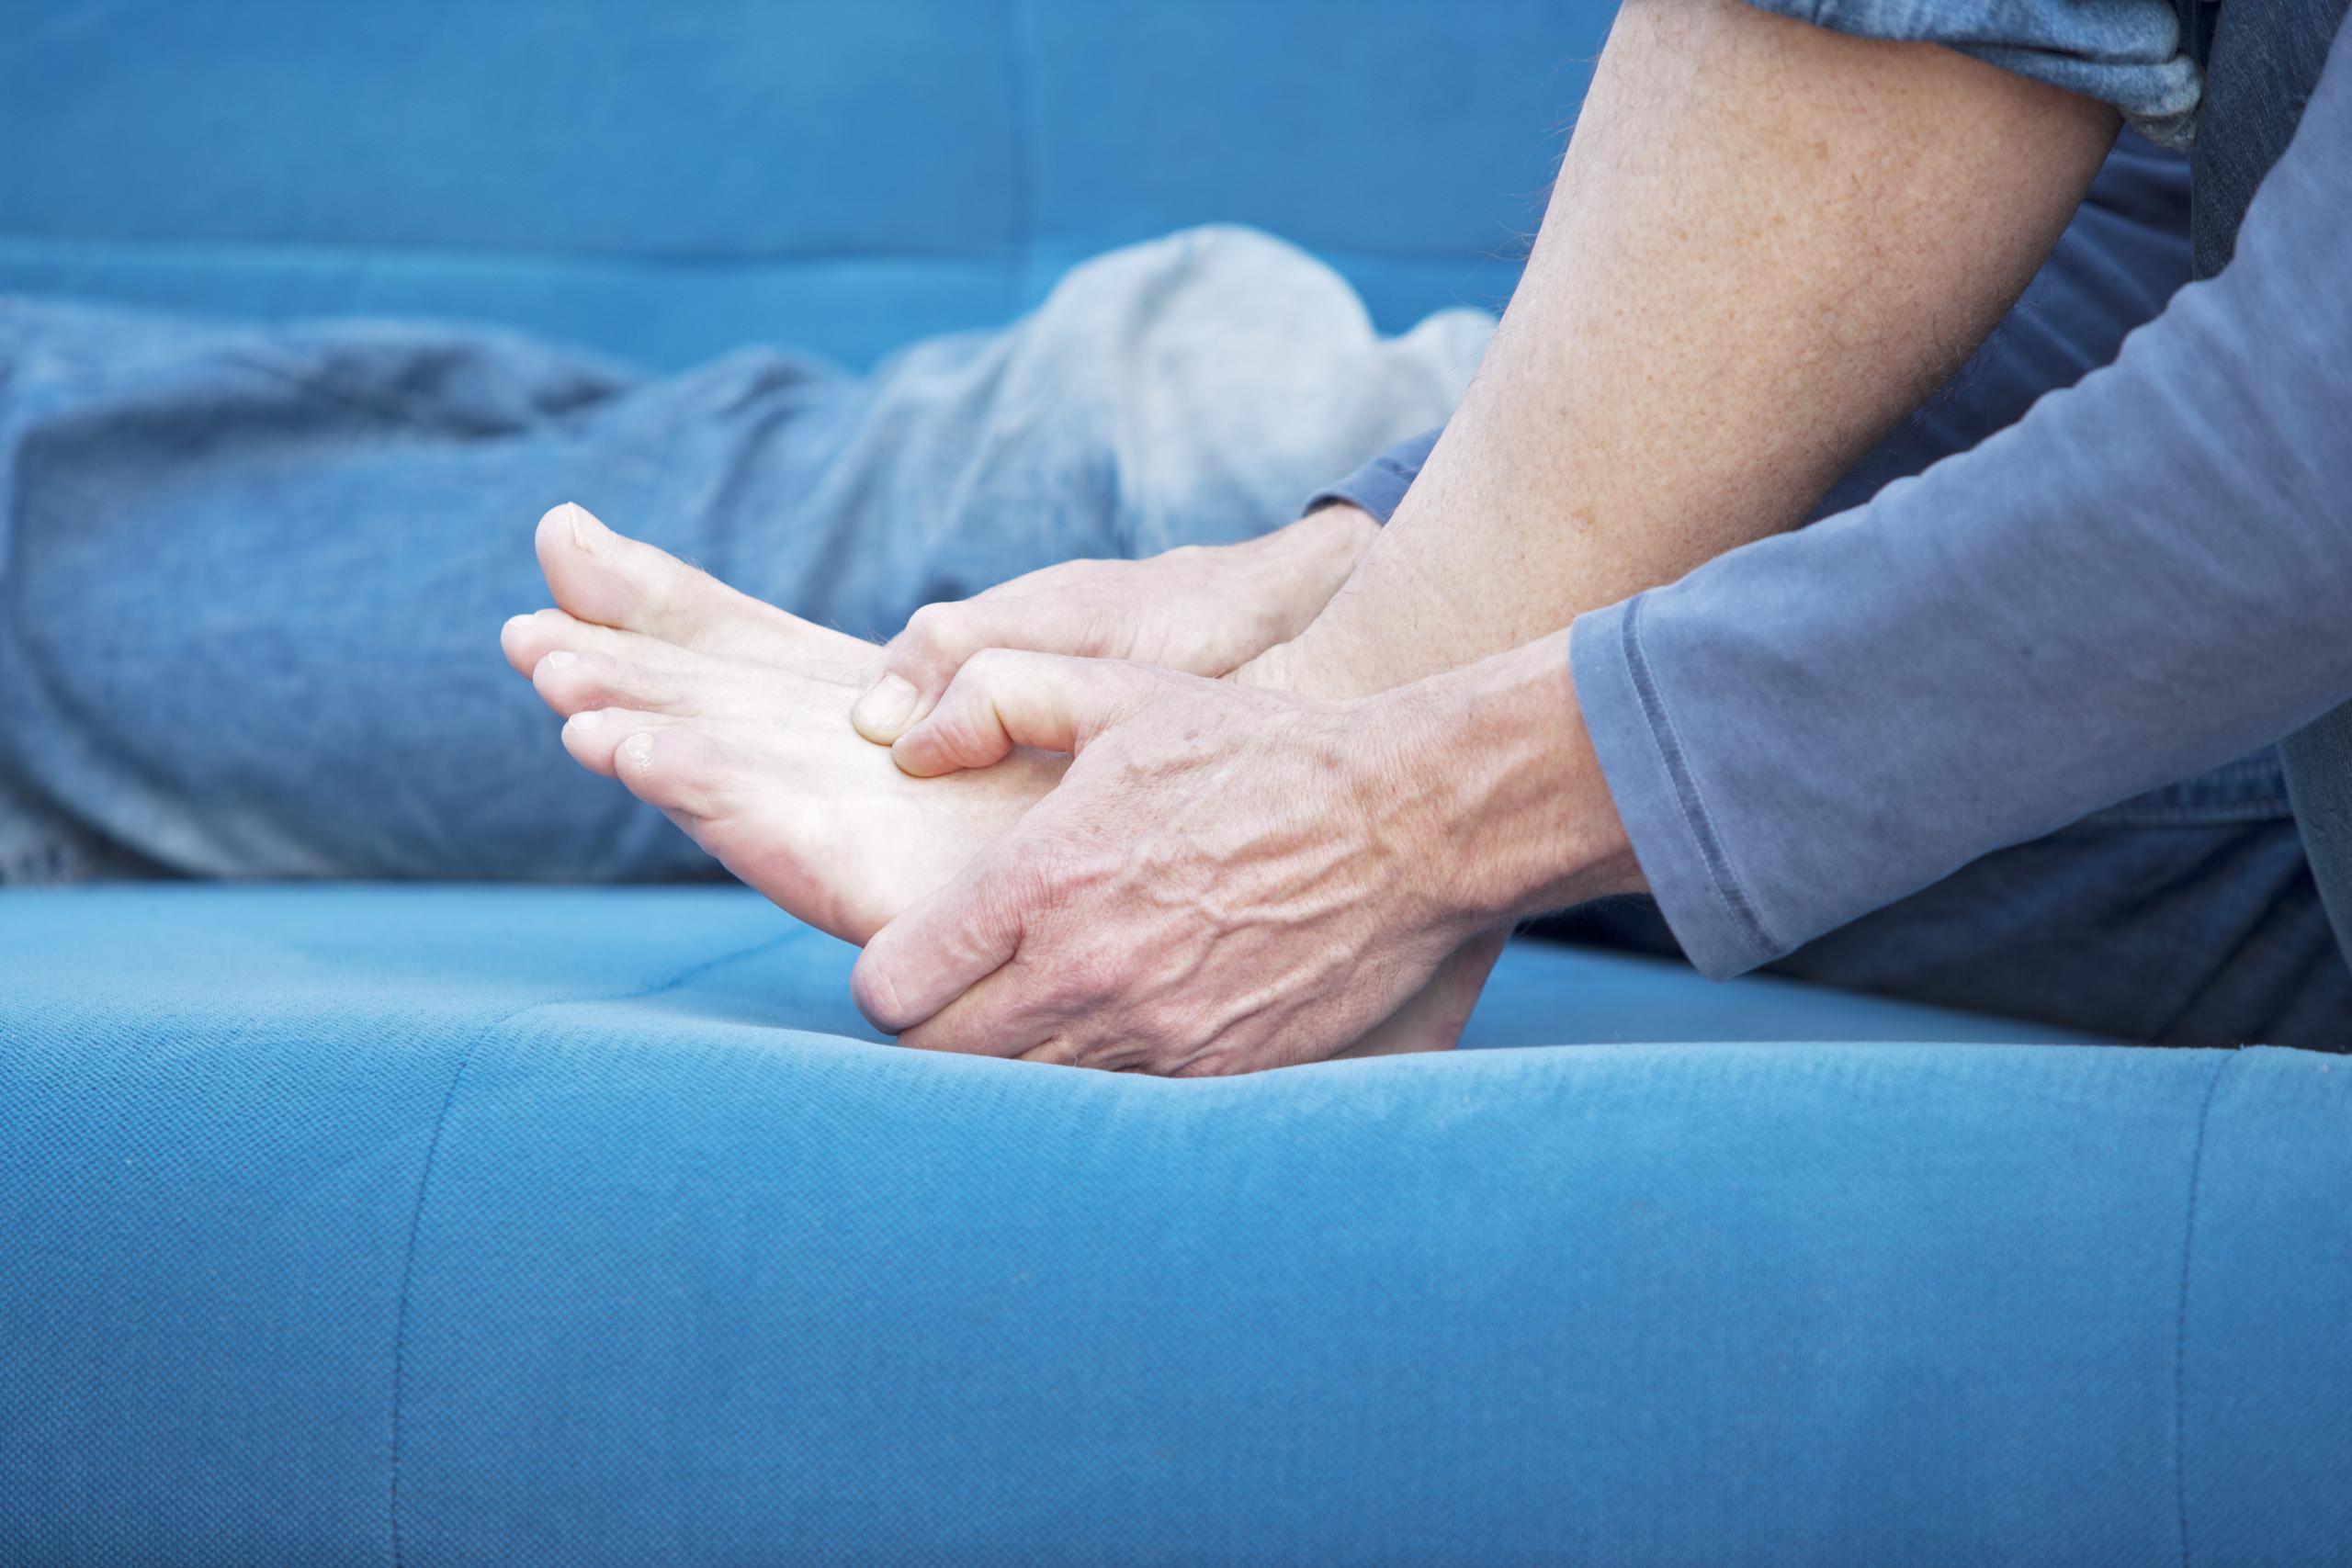 how to handle heel pain